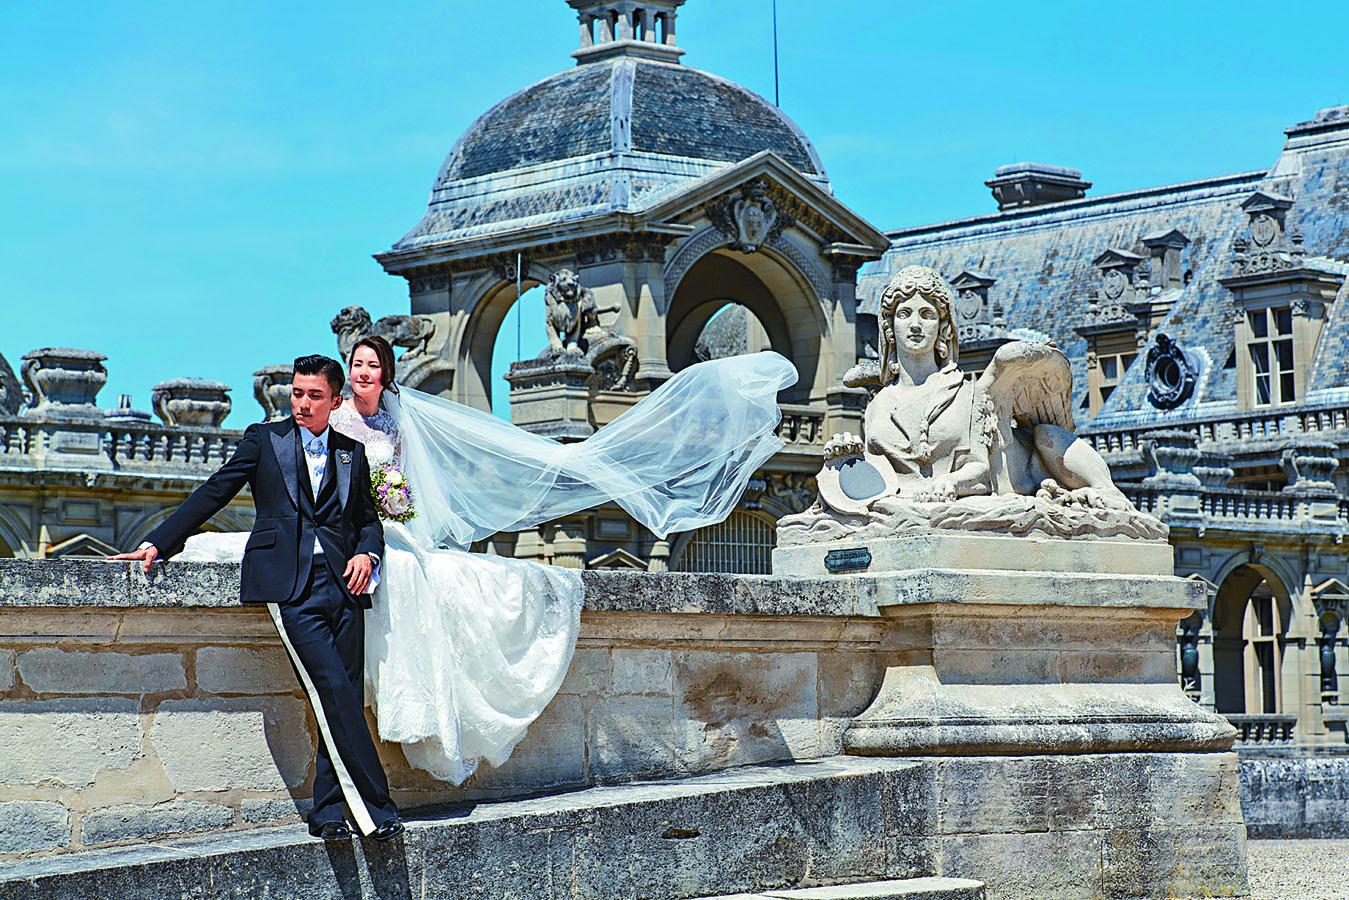 山聰帶未婚妻到法國拍婚照,希望為兩人留下美好的回憶。